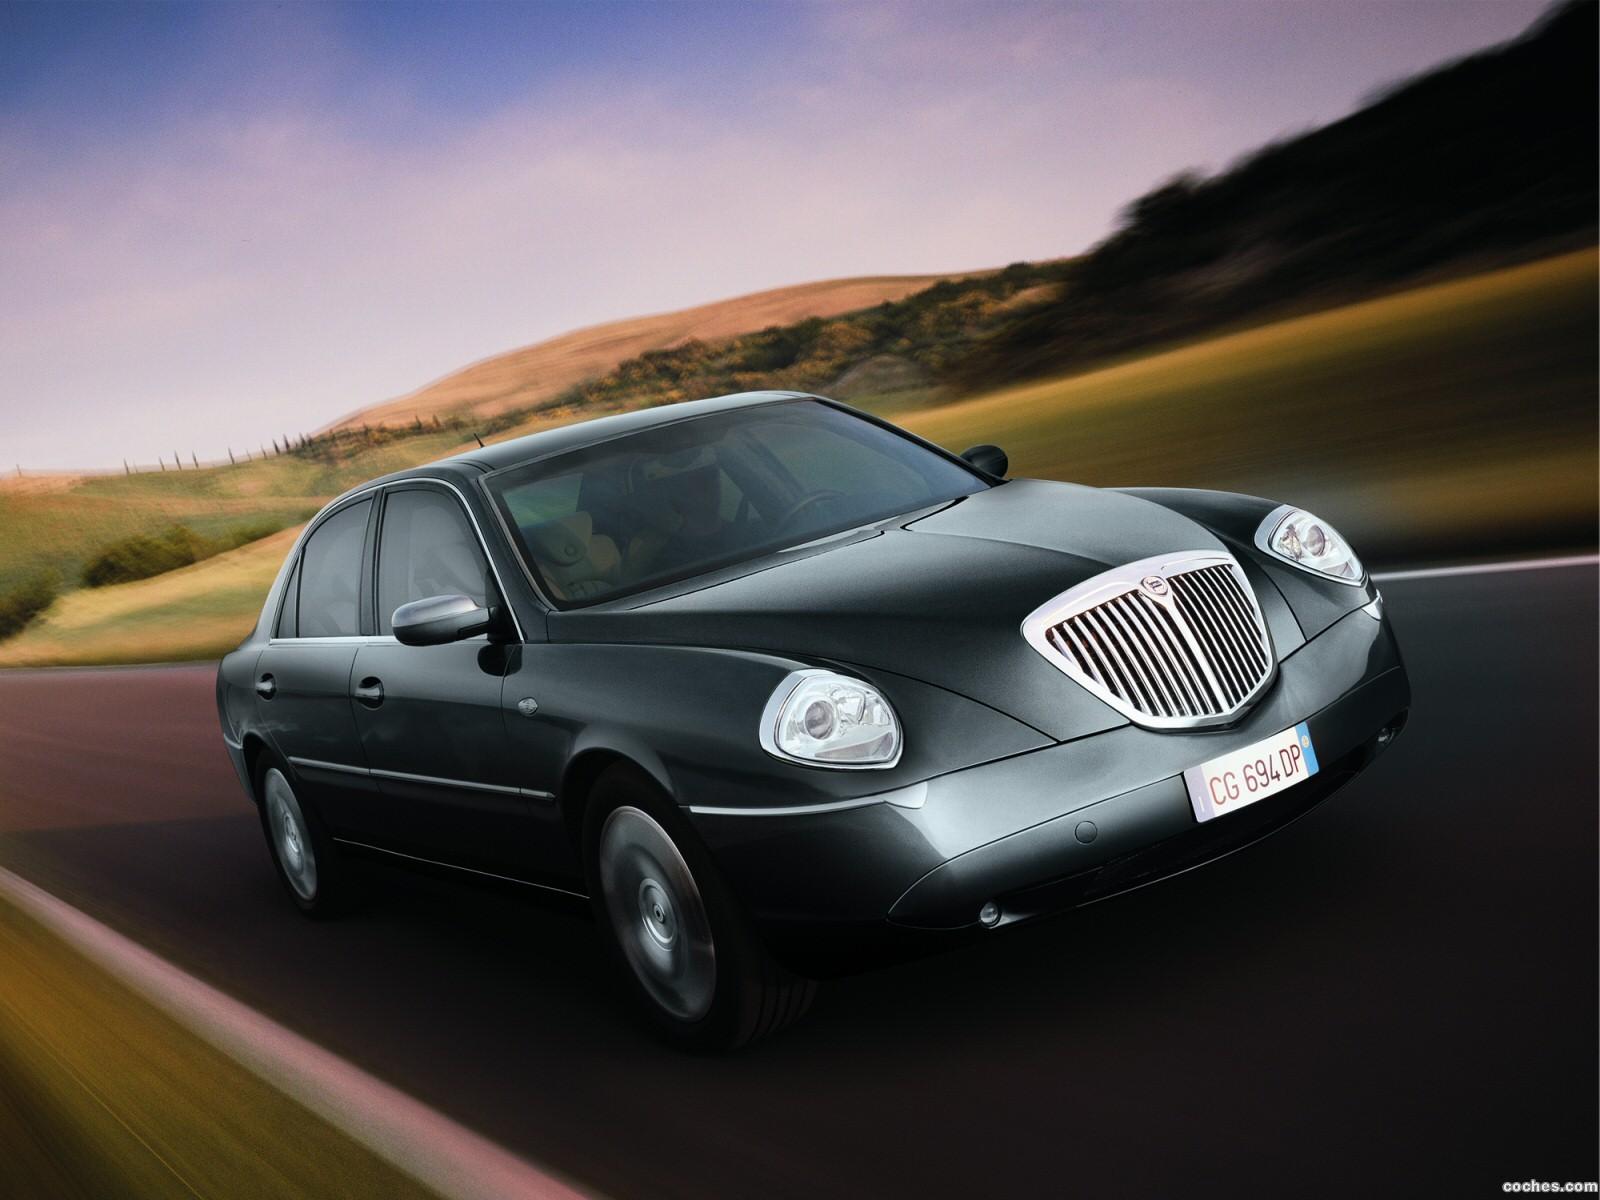 lancia thesis segunda mano en coches.net Lancia de segunda mano en venta en cochees, el portal de coches de ocasion.